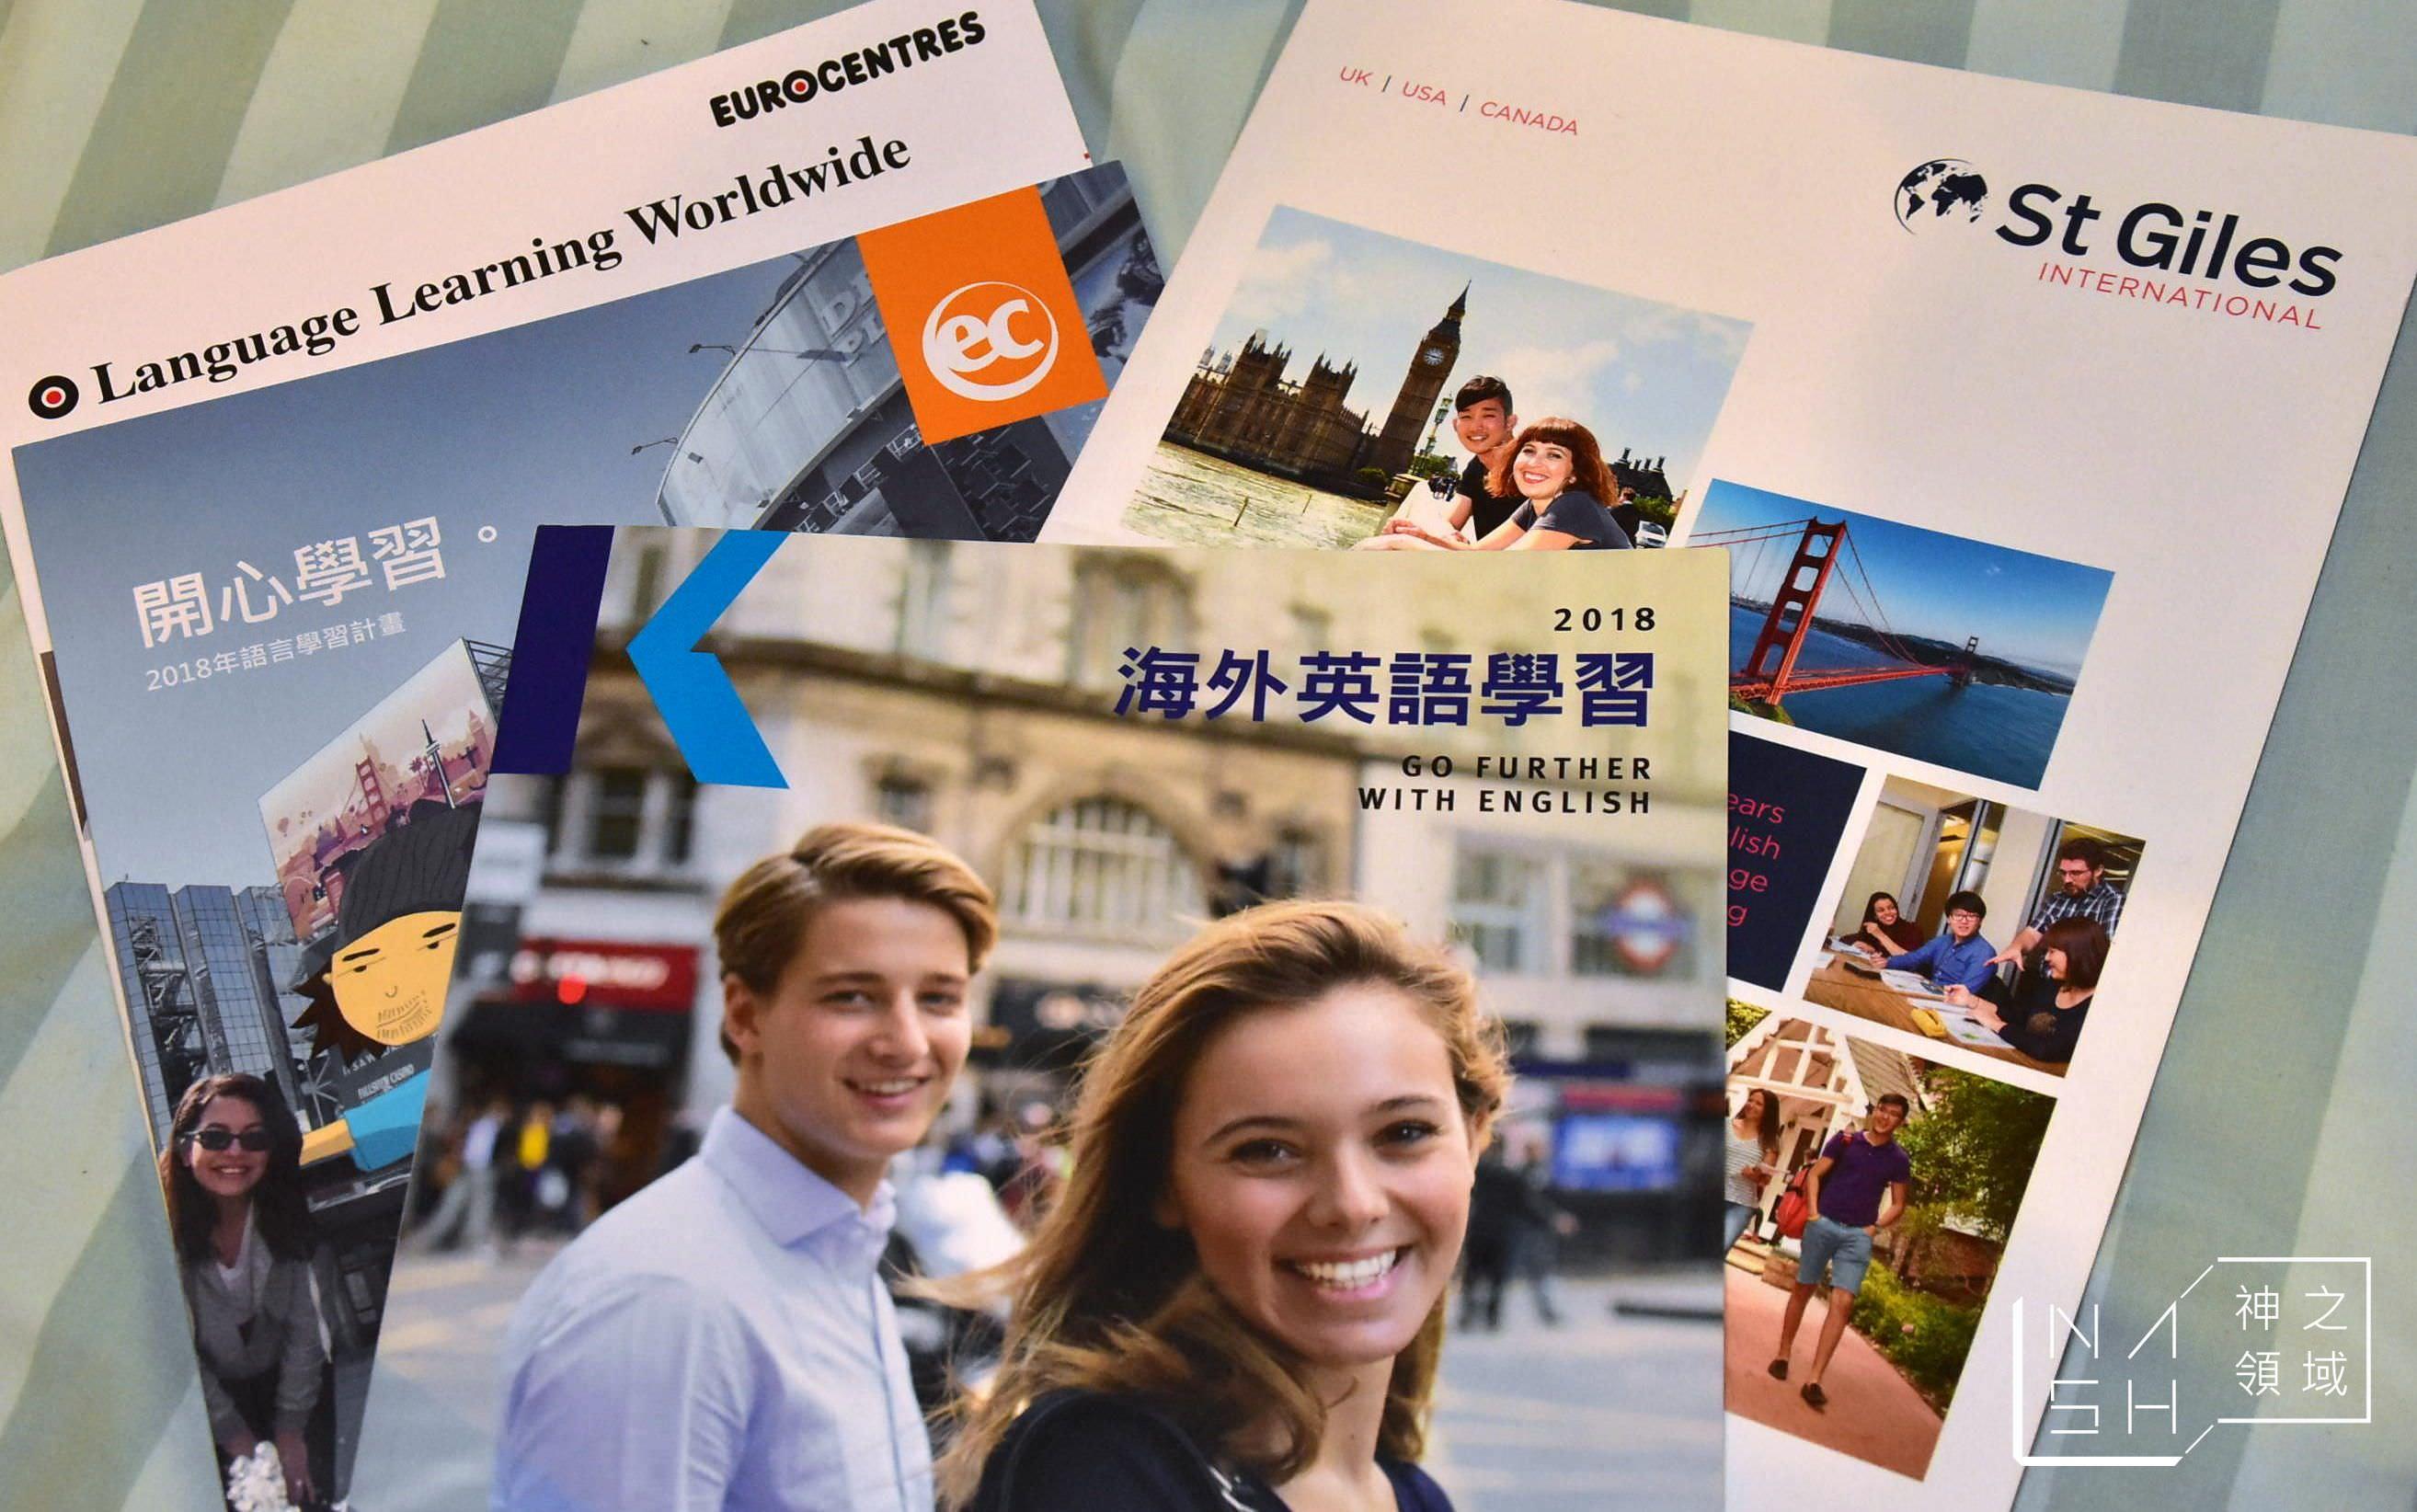 遊學代辦,英國遊學,牛津遊學心得分享,遊學心得分享,英國遊學心得,牛津遊學,英國遊學一個月費用,語言學校挑選 @Nash,神之領域